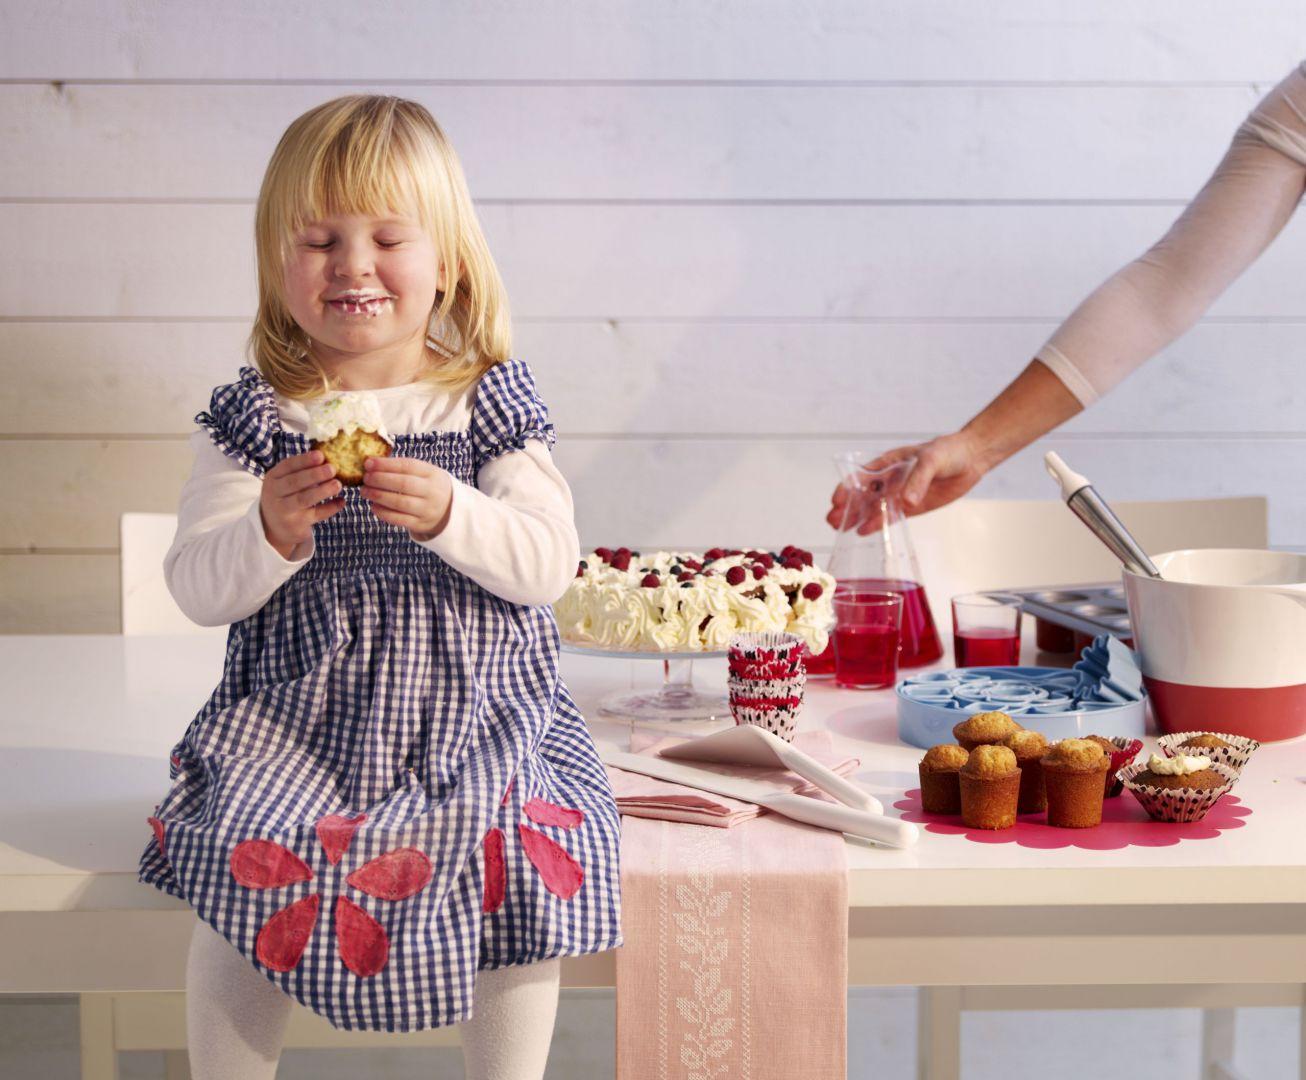 Akcesoria do pieczenie z oferty IKEI. 29,99 zł (blacha do pieczenia muffinów Drömmar z nieprzywierającą powłoką Teflon®Classic), 19,99 zł (formy do ciasta Drömmar), 49,99 zł (szklana patera z pokrywą ARV Bröllop), IKEA.